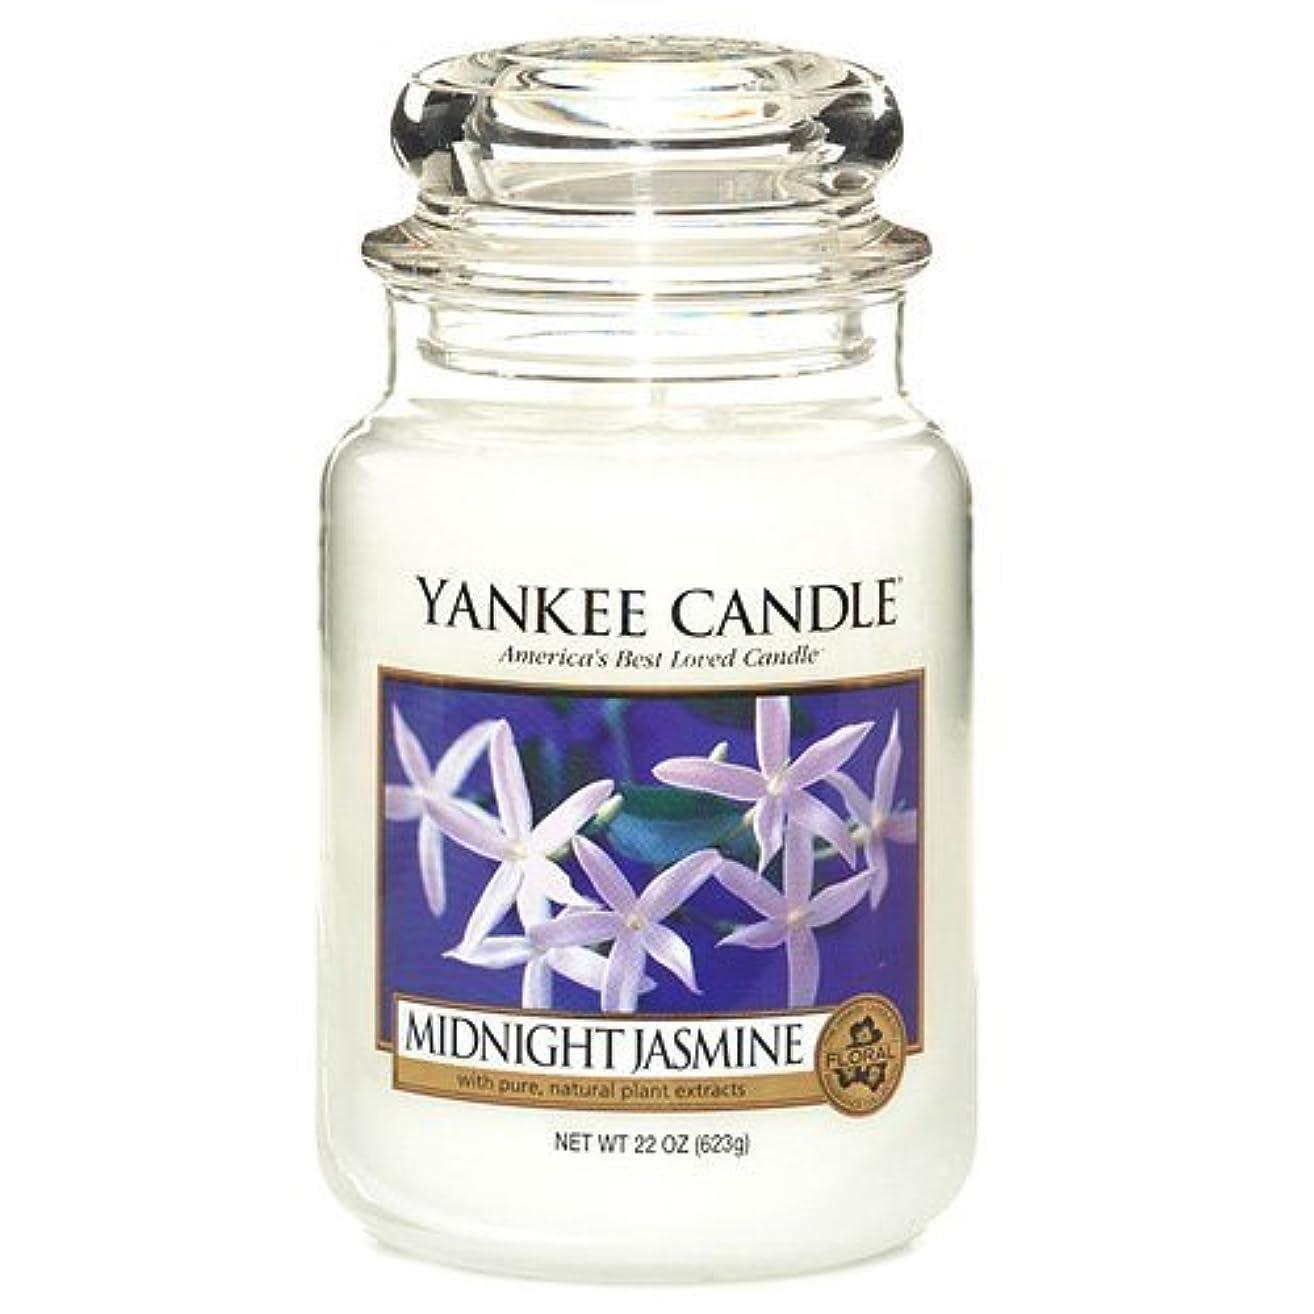 排除する軽蔑身元Yankee Candle Housewarmer Jar (Midnight Jasmine) - Large (22 oz) by Yankee Candle [並行輸入品]